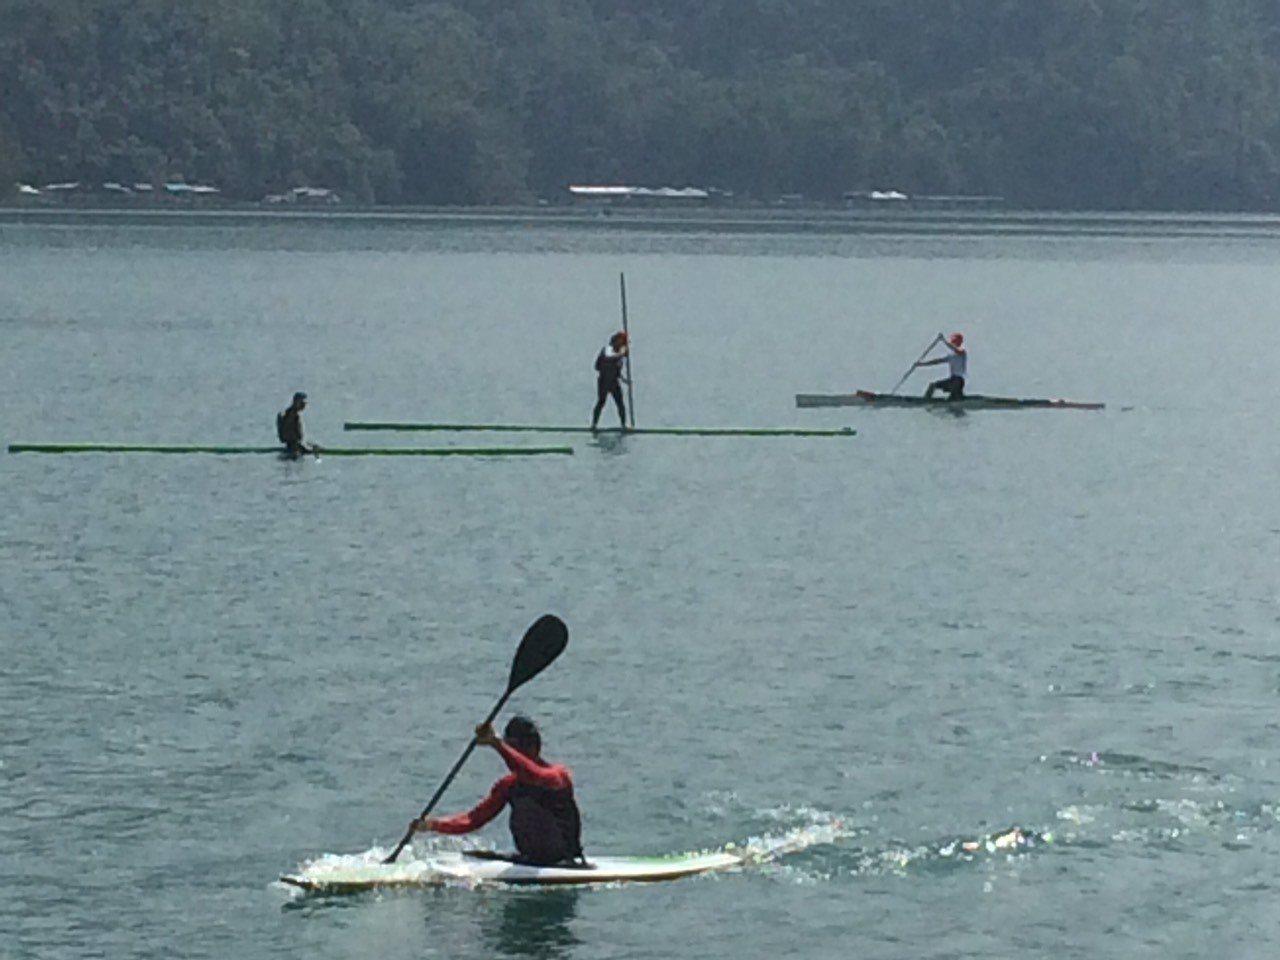 水里商工學生在月牙灣練習照。圖/劉丙燈提供